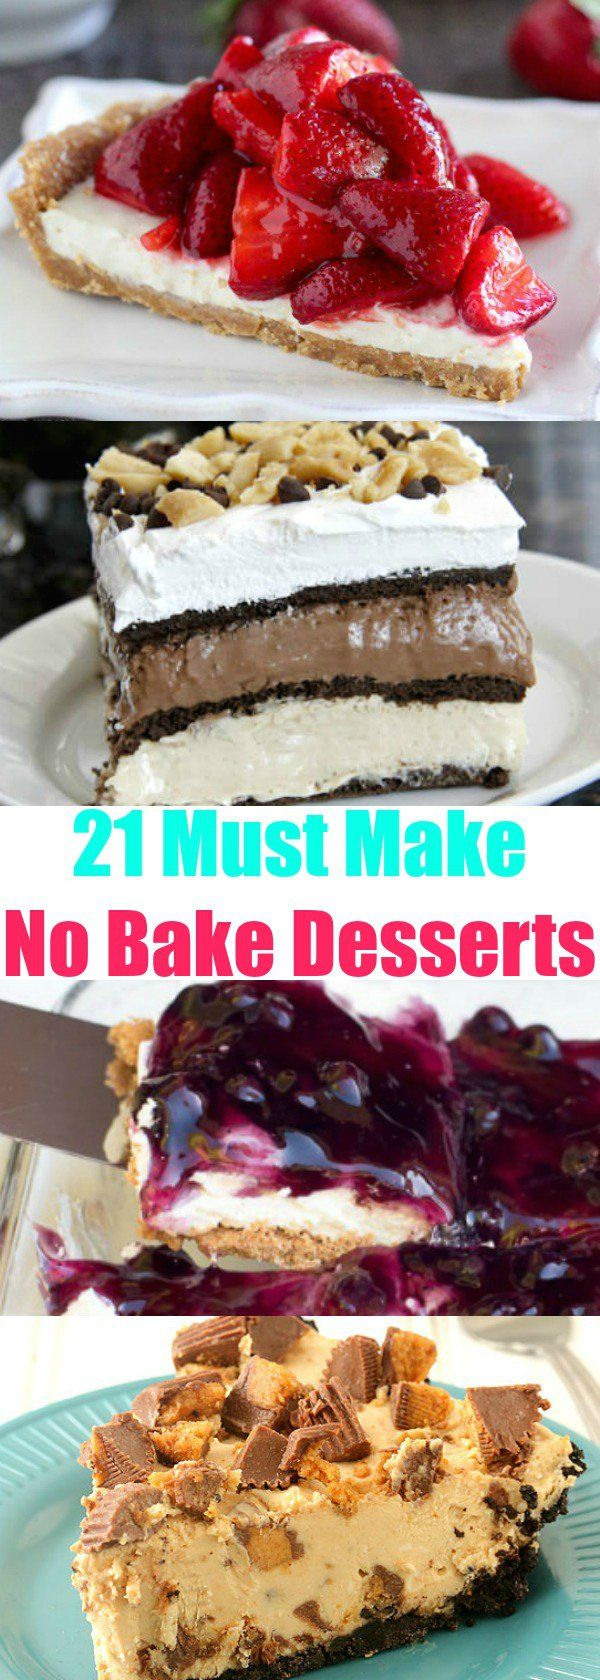 21 Must-Make No-Bake Desserts